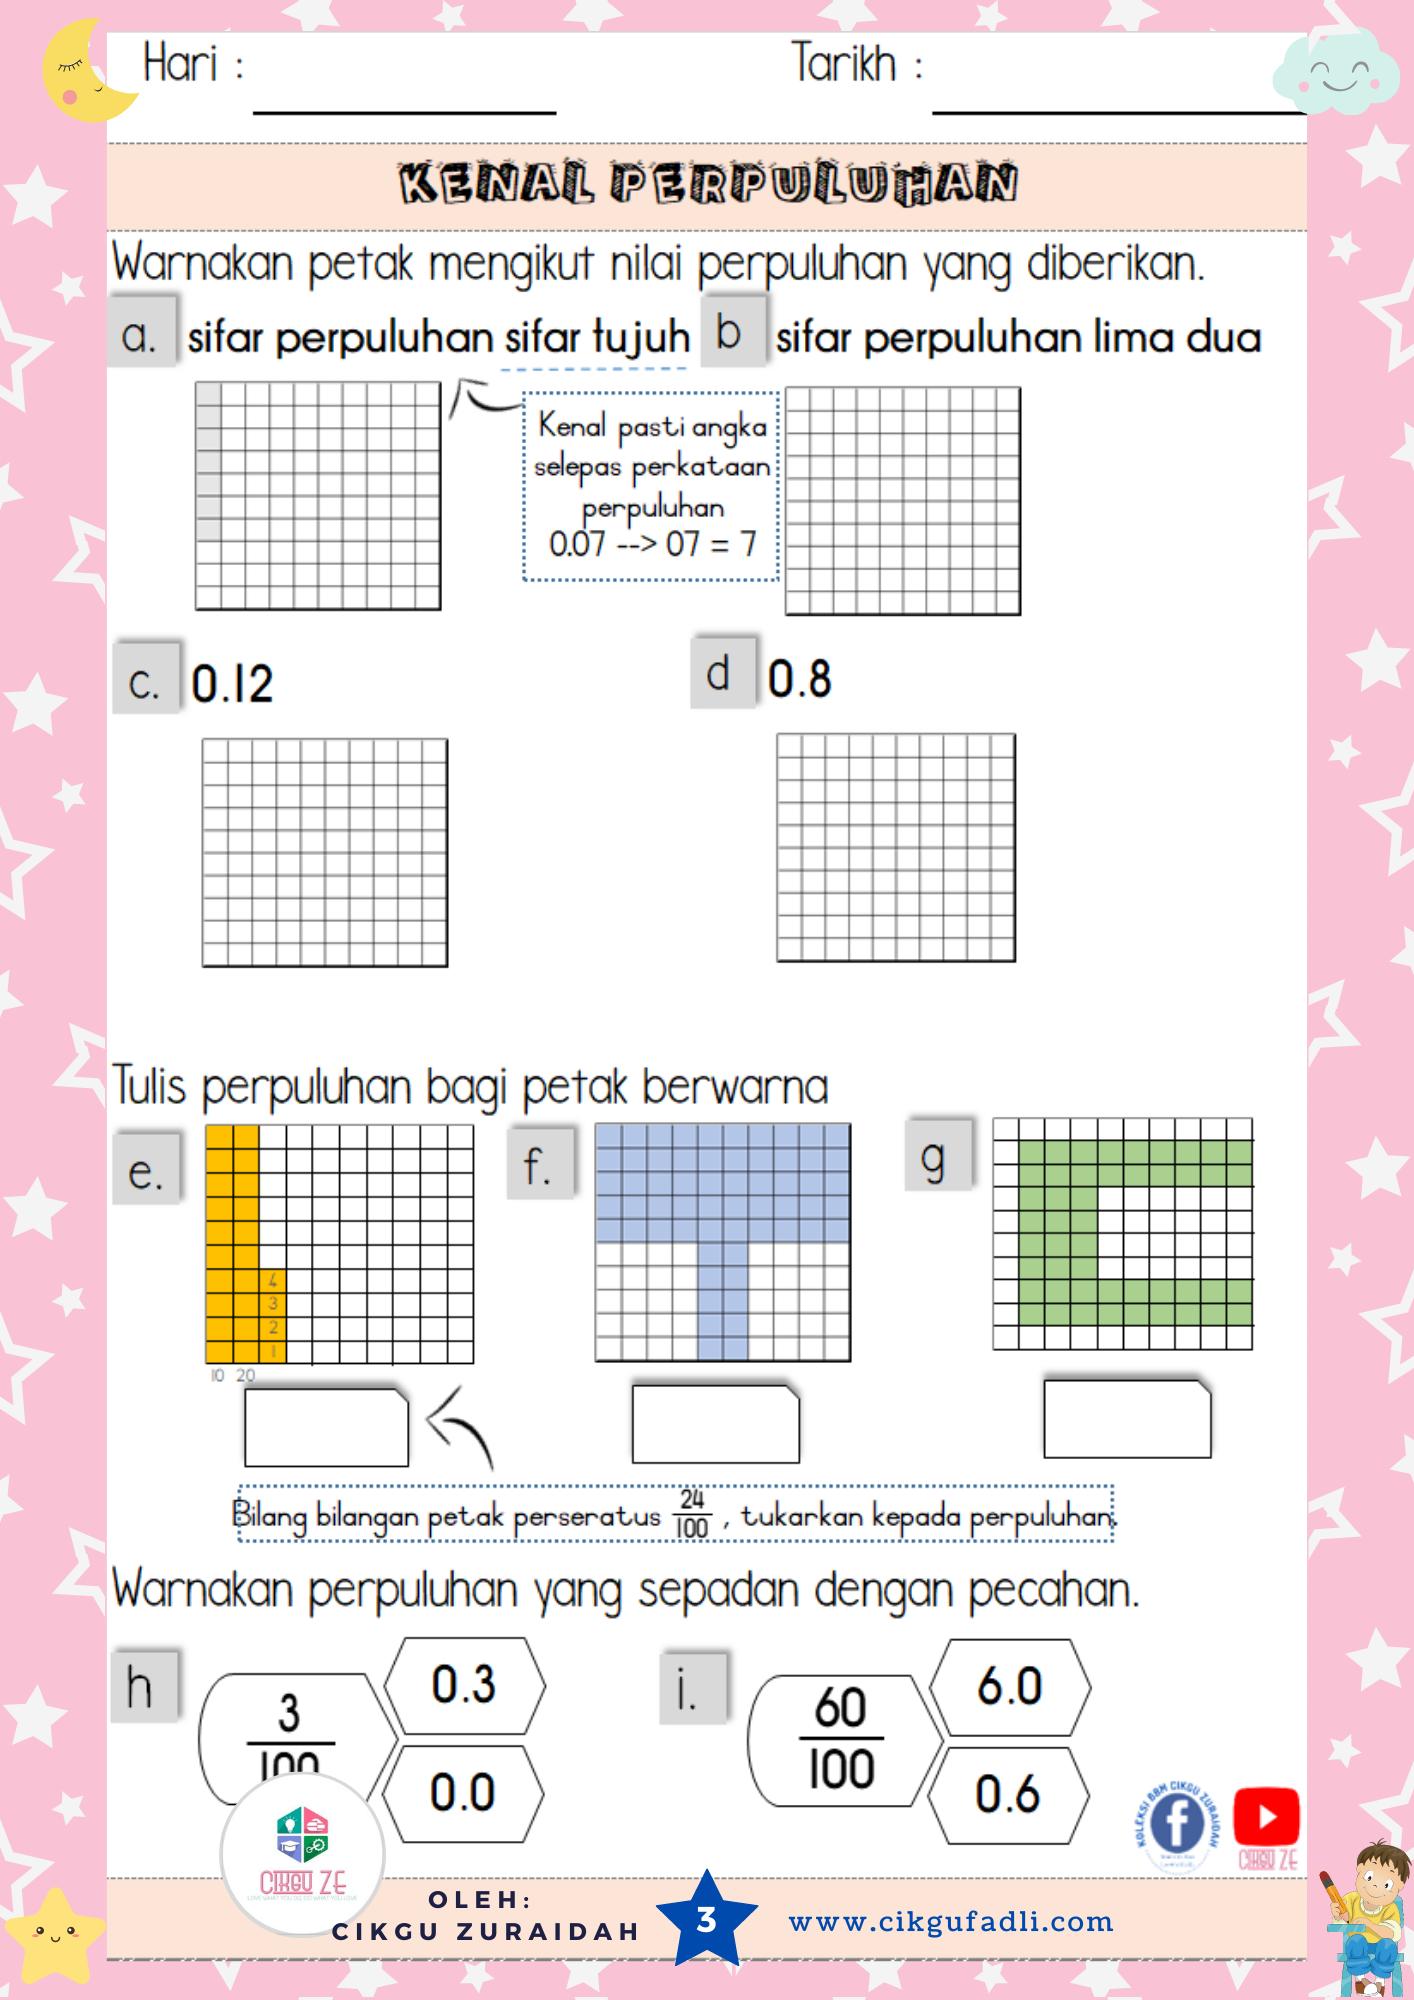 nota-latihan-perpuluhan-4